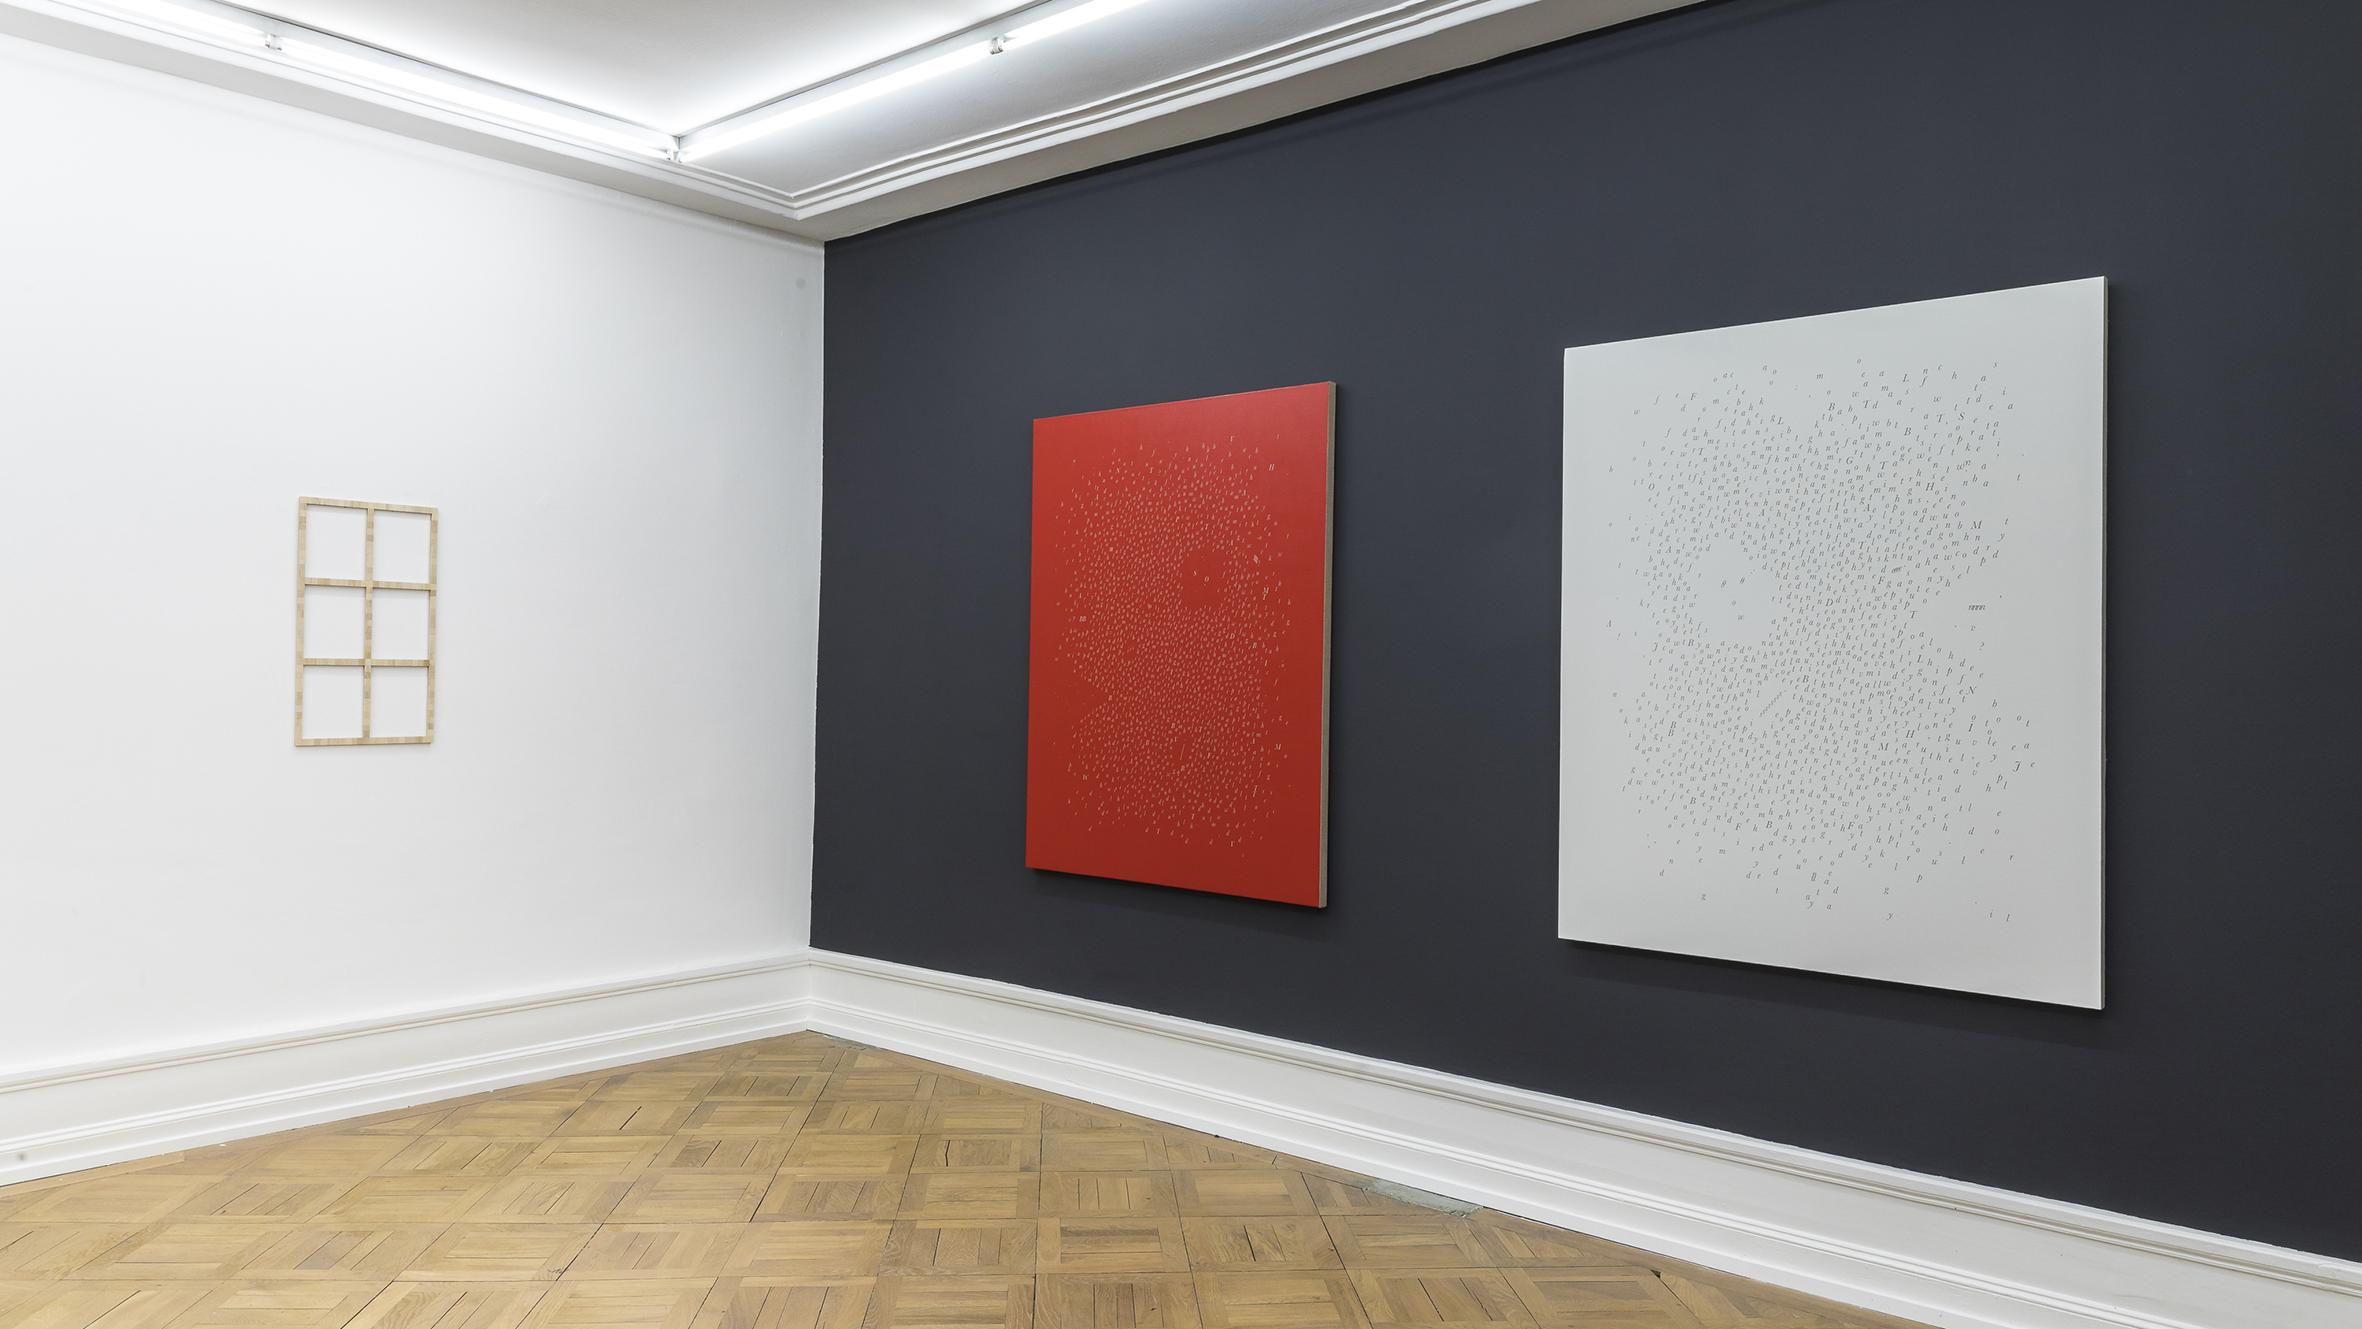 Vista la exposición / Exhibition View  Fotografía cortesía de MAI 36 Gallery